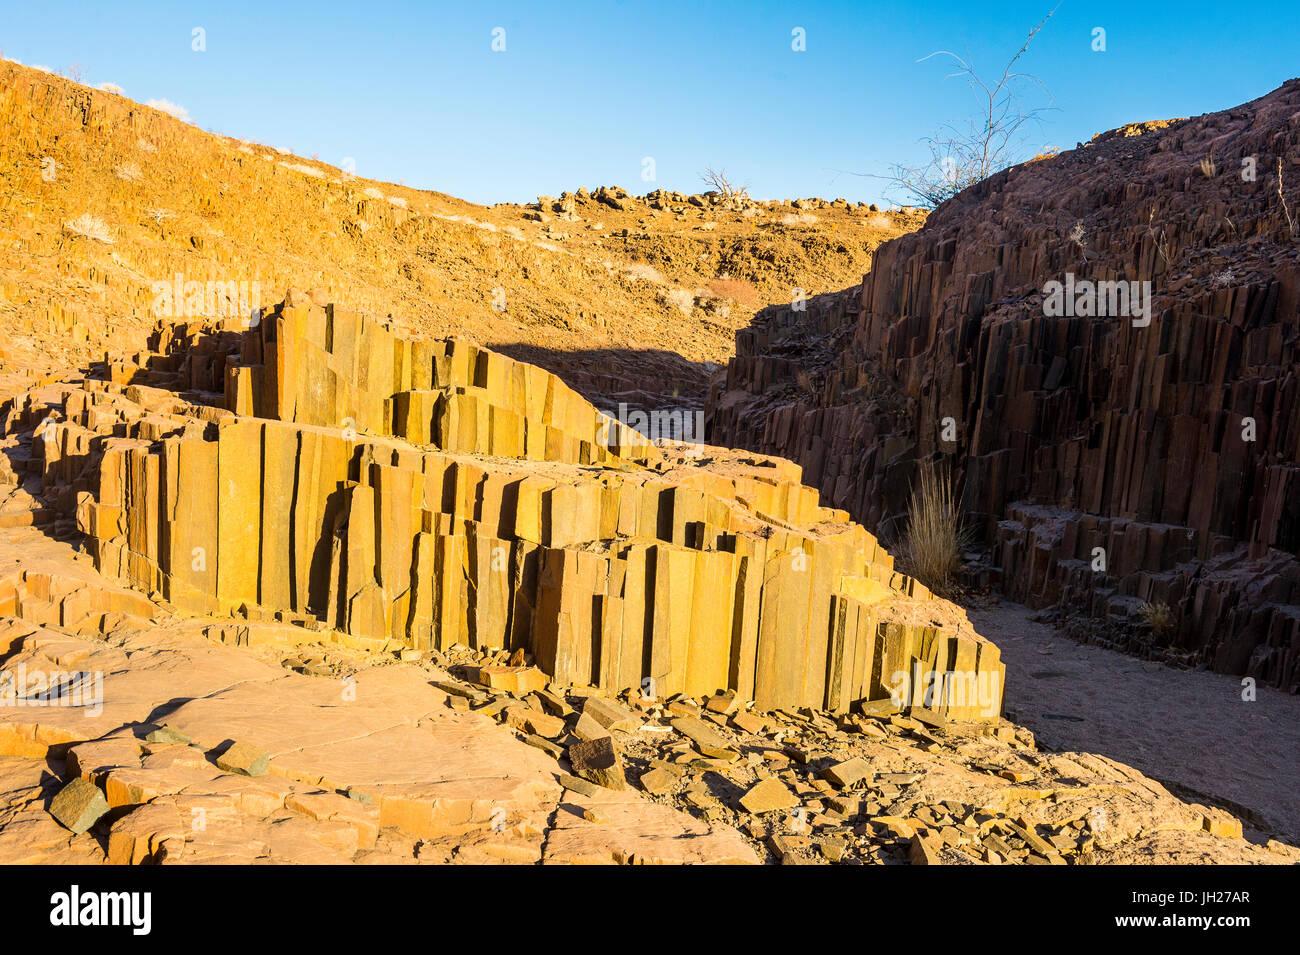 Órgano de tubos inusual monumento, Twyfelfontein, Namibia, África Imagen De Stock